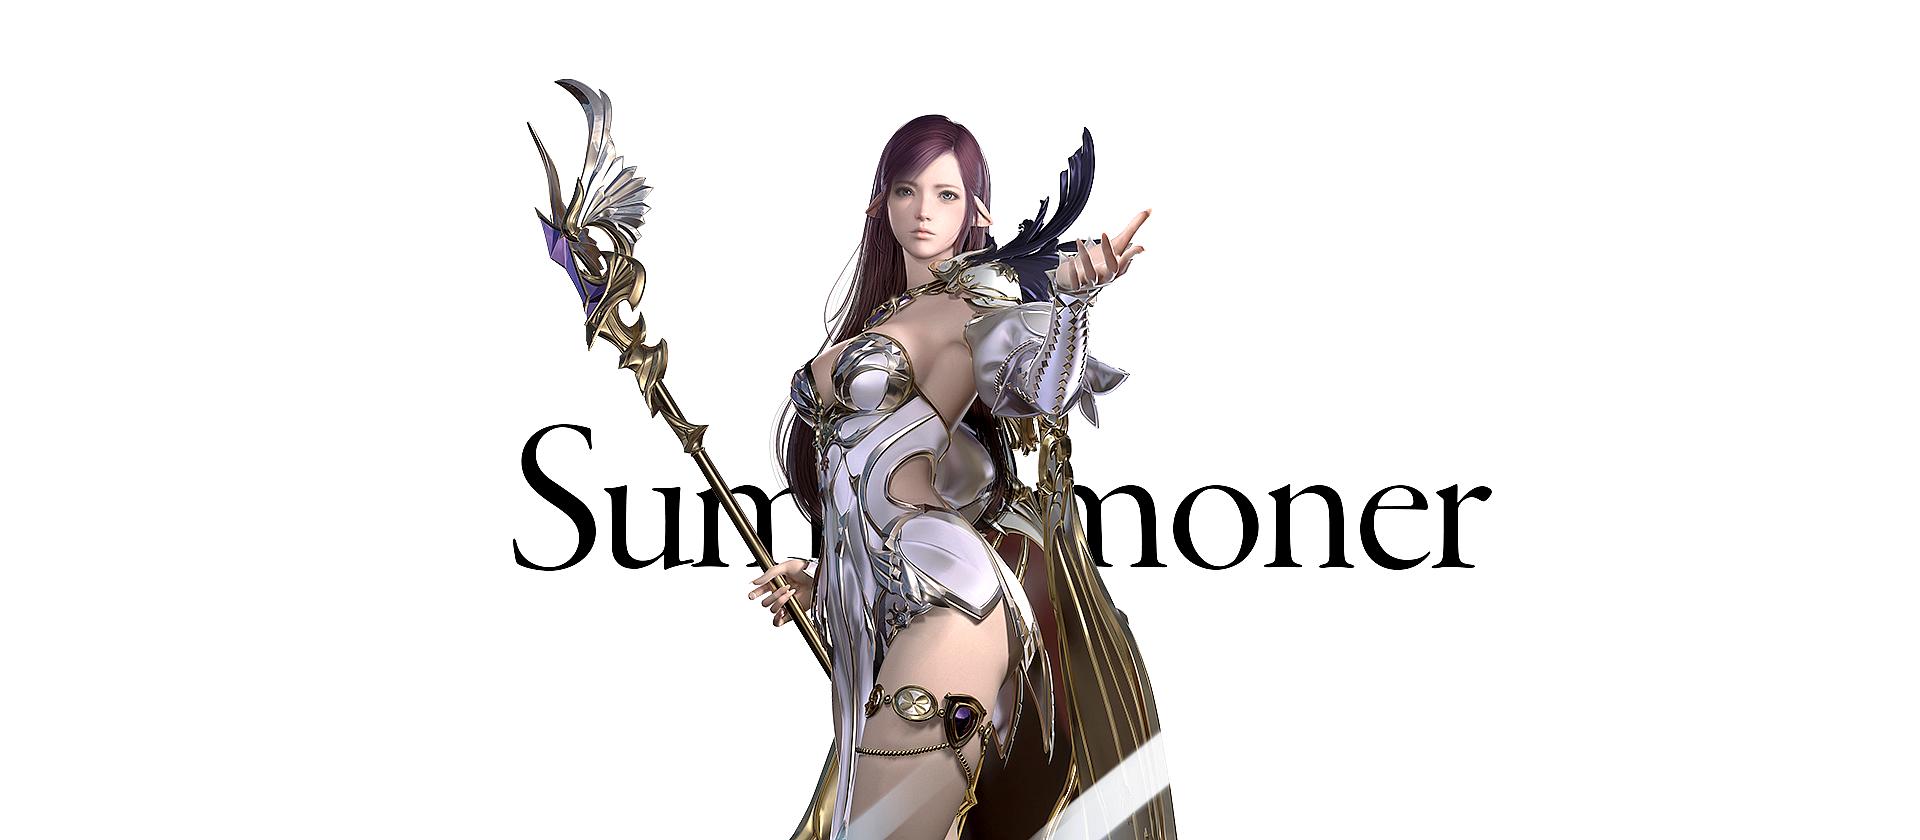 Summoner en Lost Ark Online, una de las tres subclases de Magician.